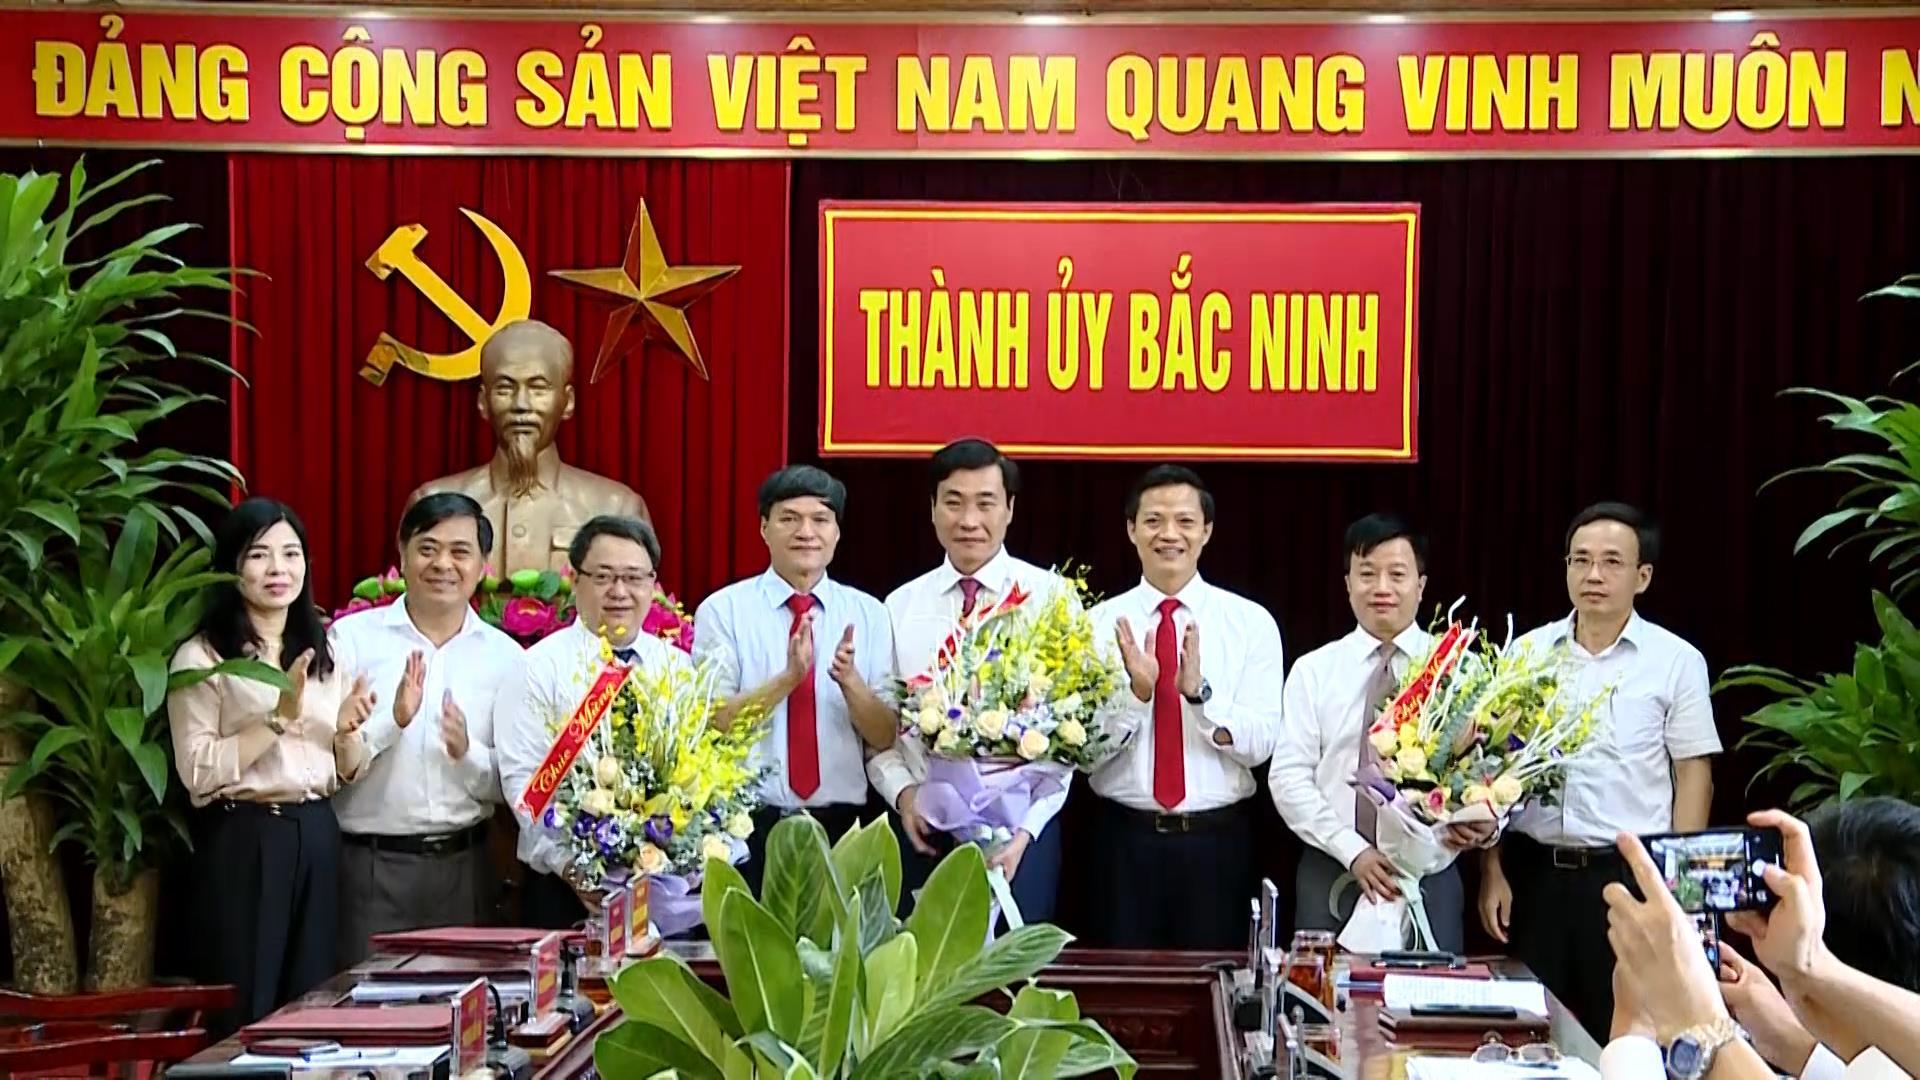 Thành ủy Bắc Ninh công bố Nghị quyết, Quyết định của tỉnh về công tác cán bộ